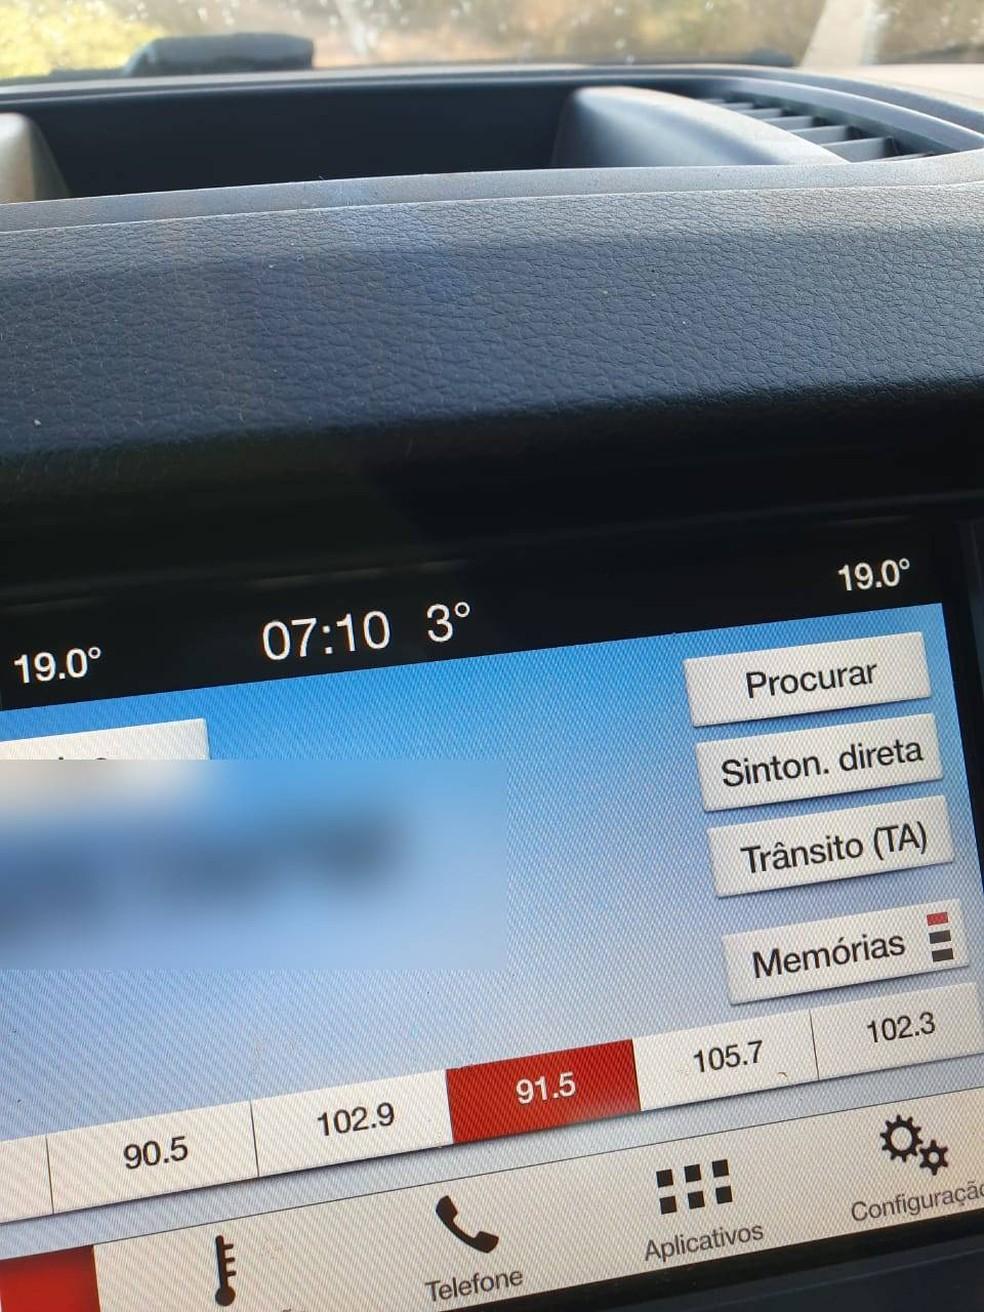 Termômetro no painel do carro marca 3ºC — Foto: Arquivo pessoal